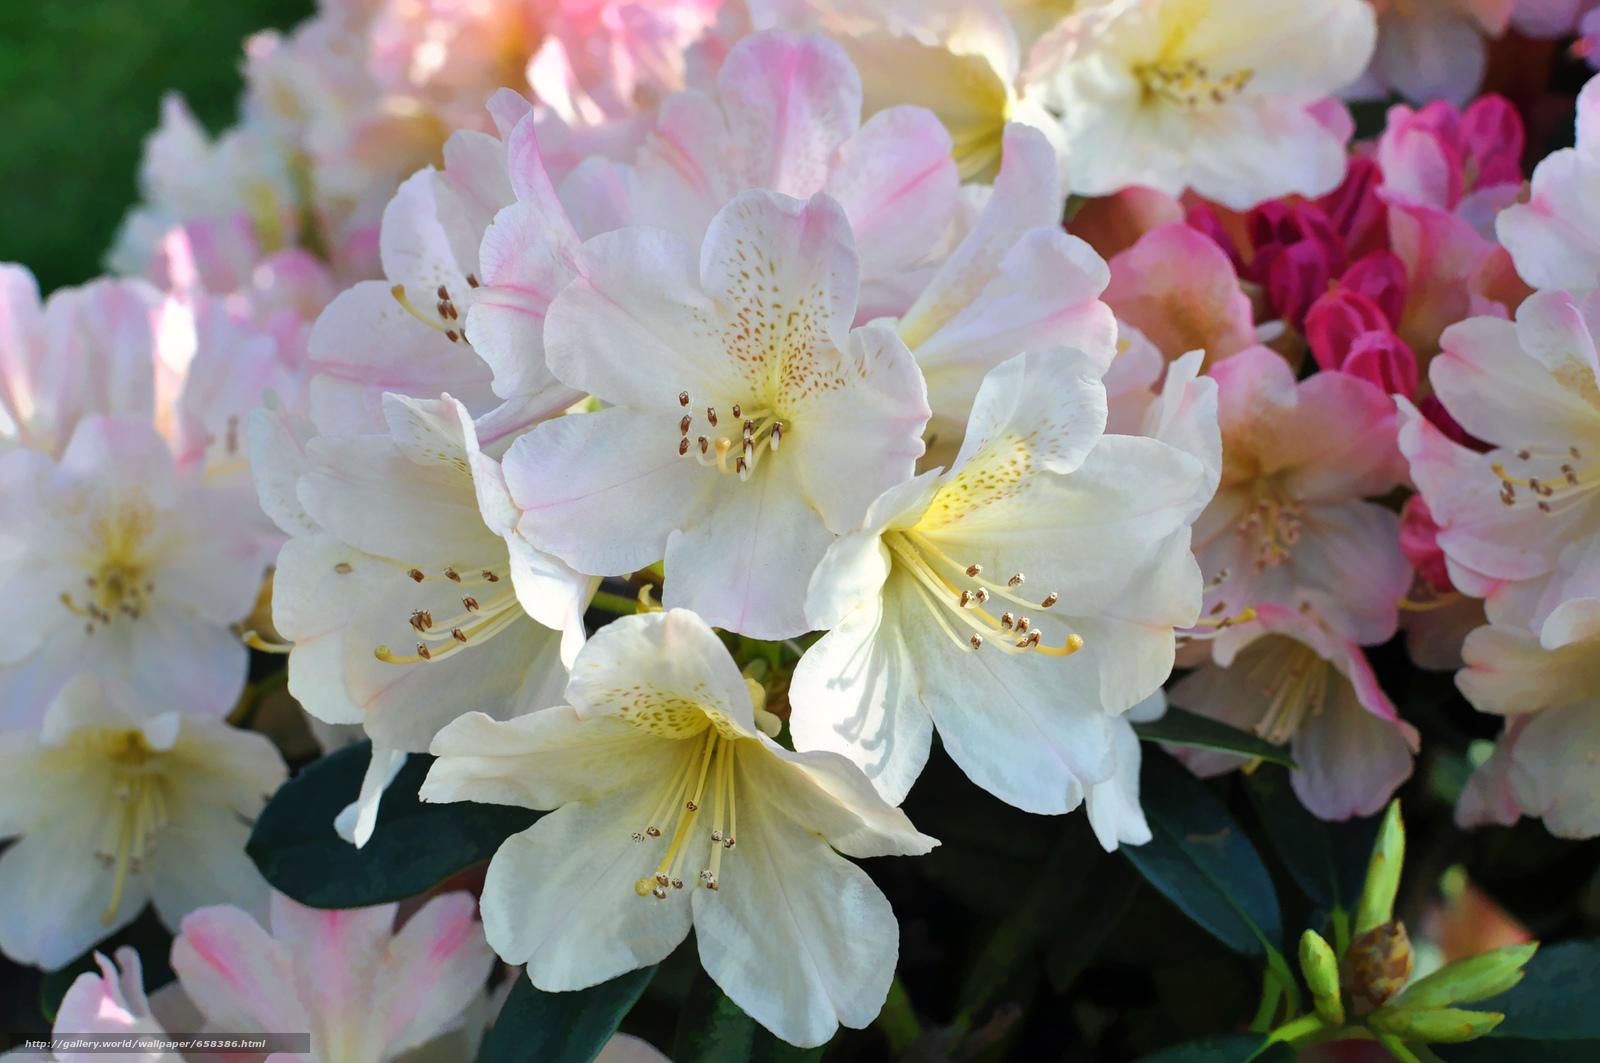 Скачать обои цветок,  цветы,  флора,  Cherry Blossoms бесплатно для рабочего стола в разрешении 4288x2848 — картинка №658386